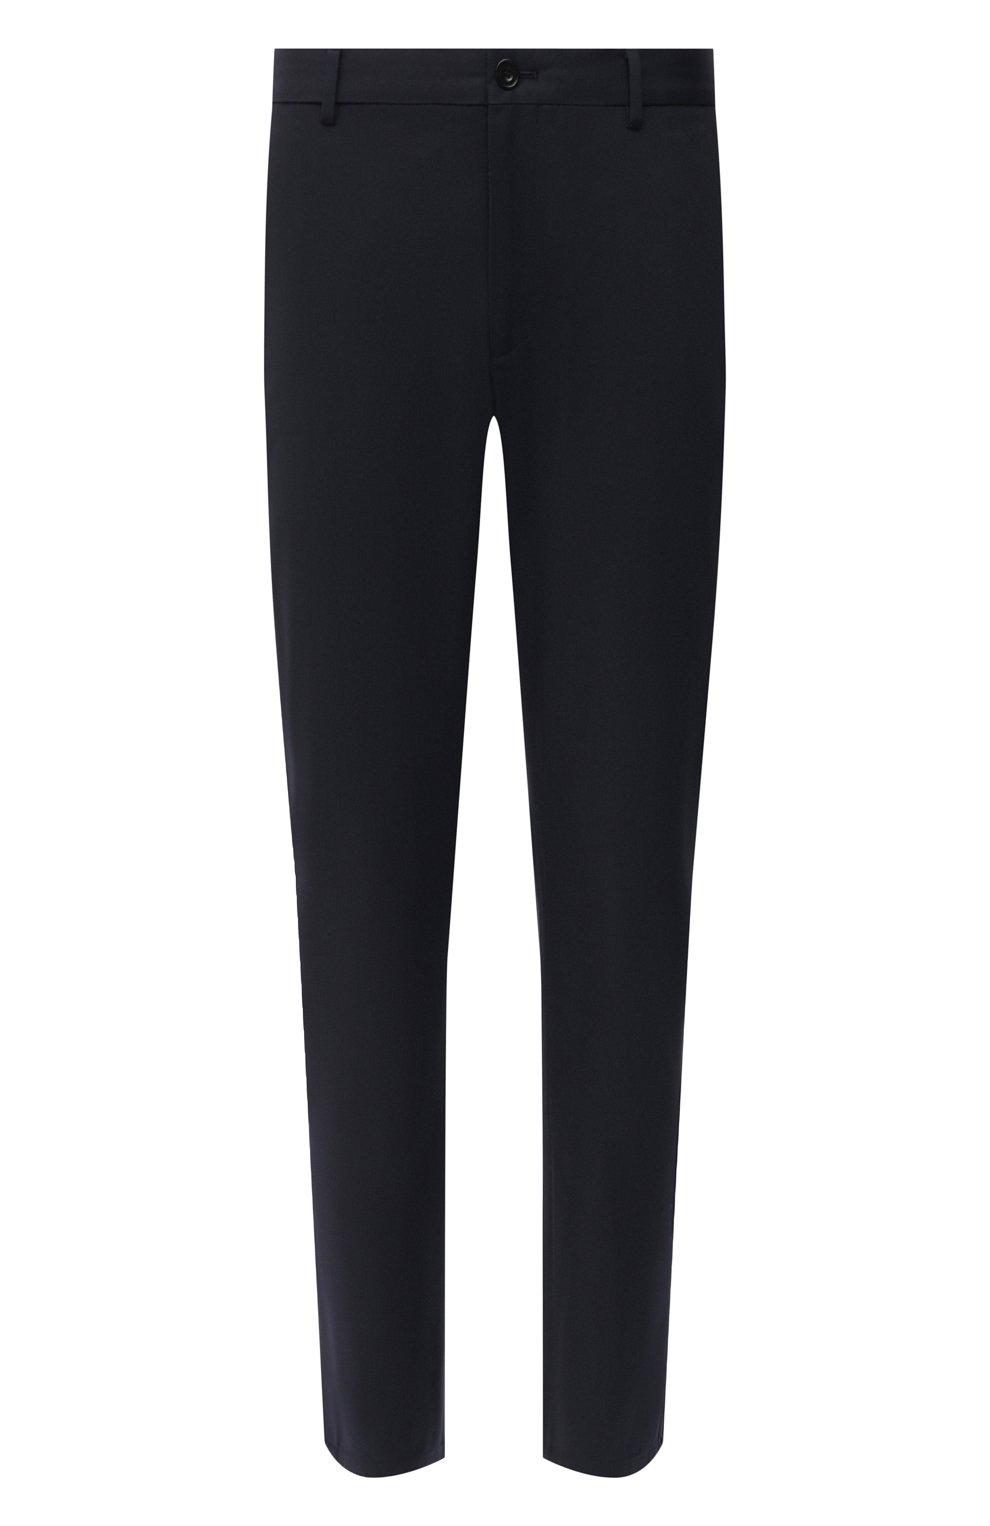 Мужские хлопковые брюки BURBERRY темно-синего цвета, арт. 8017627 | Фото 1 (Длина (брюки, джинсы): Стандартные; Случай: Повседневный; Материал внешний: Хлопок; Стили: Кэжуэл)